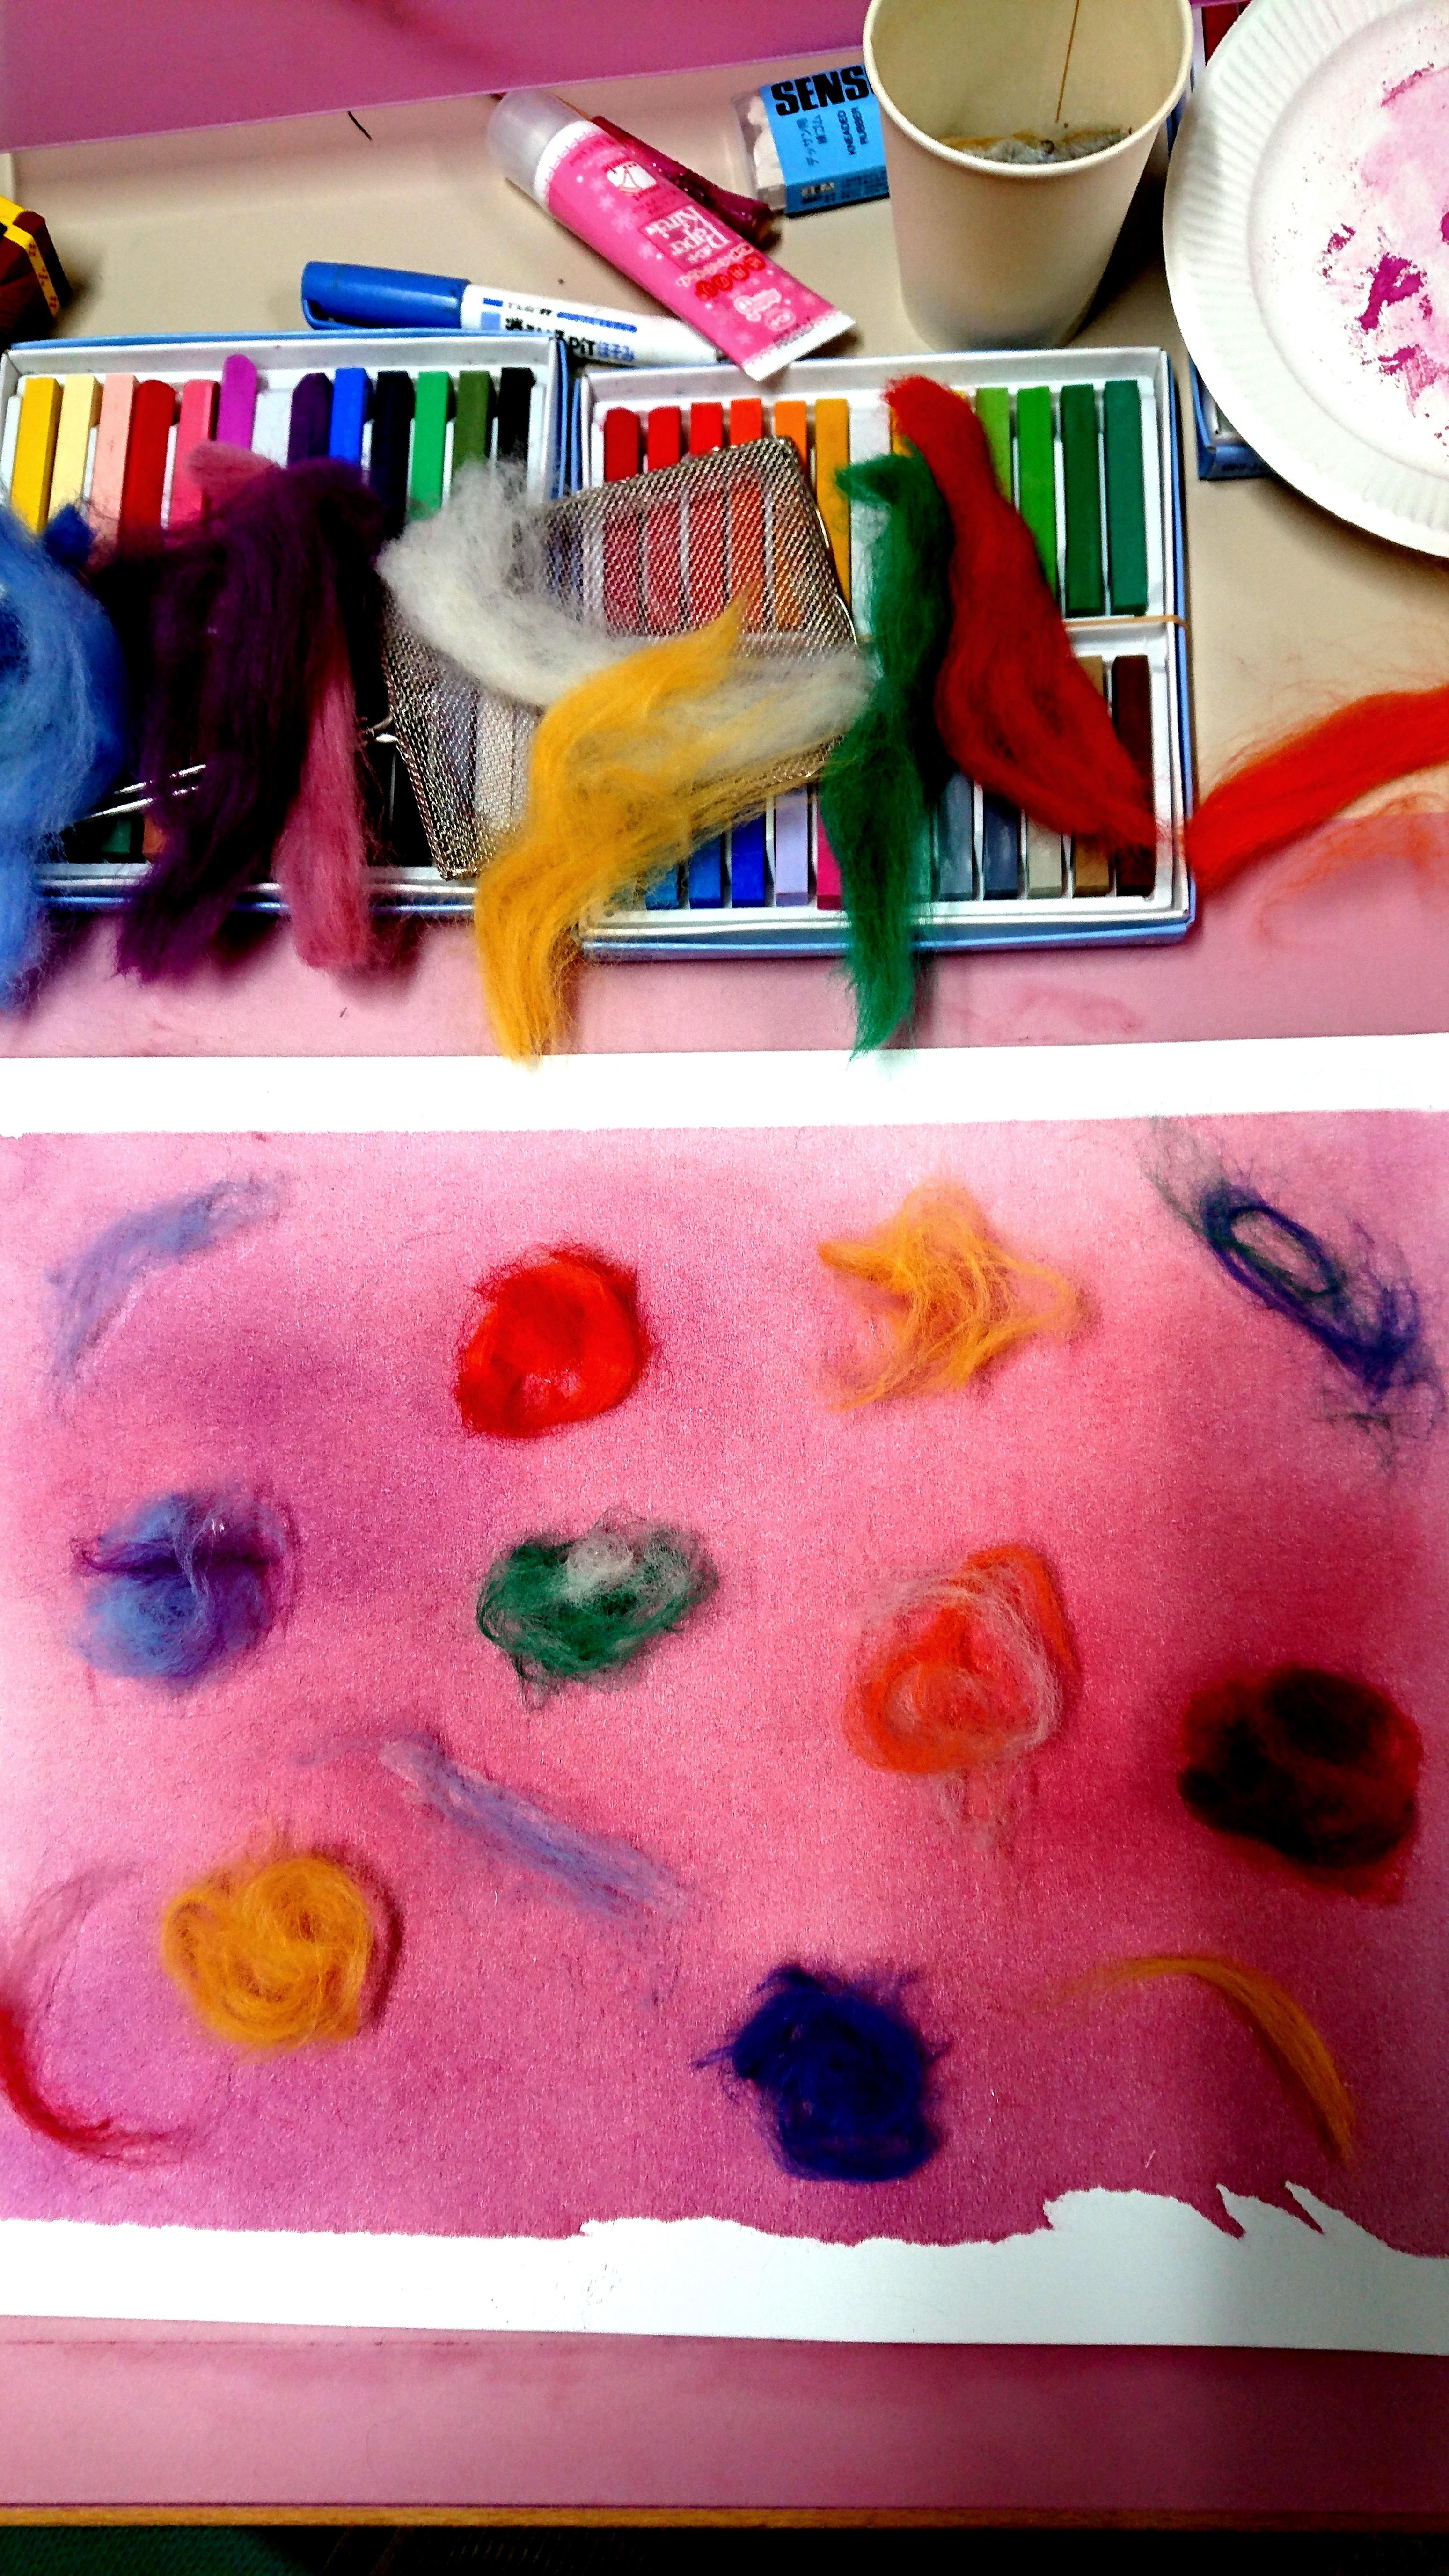 色彩吐き出しアート